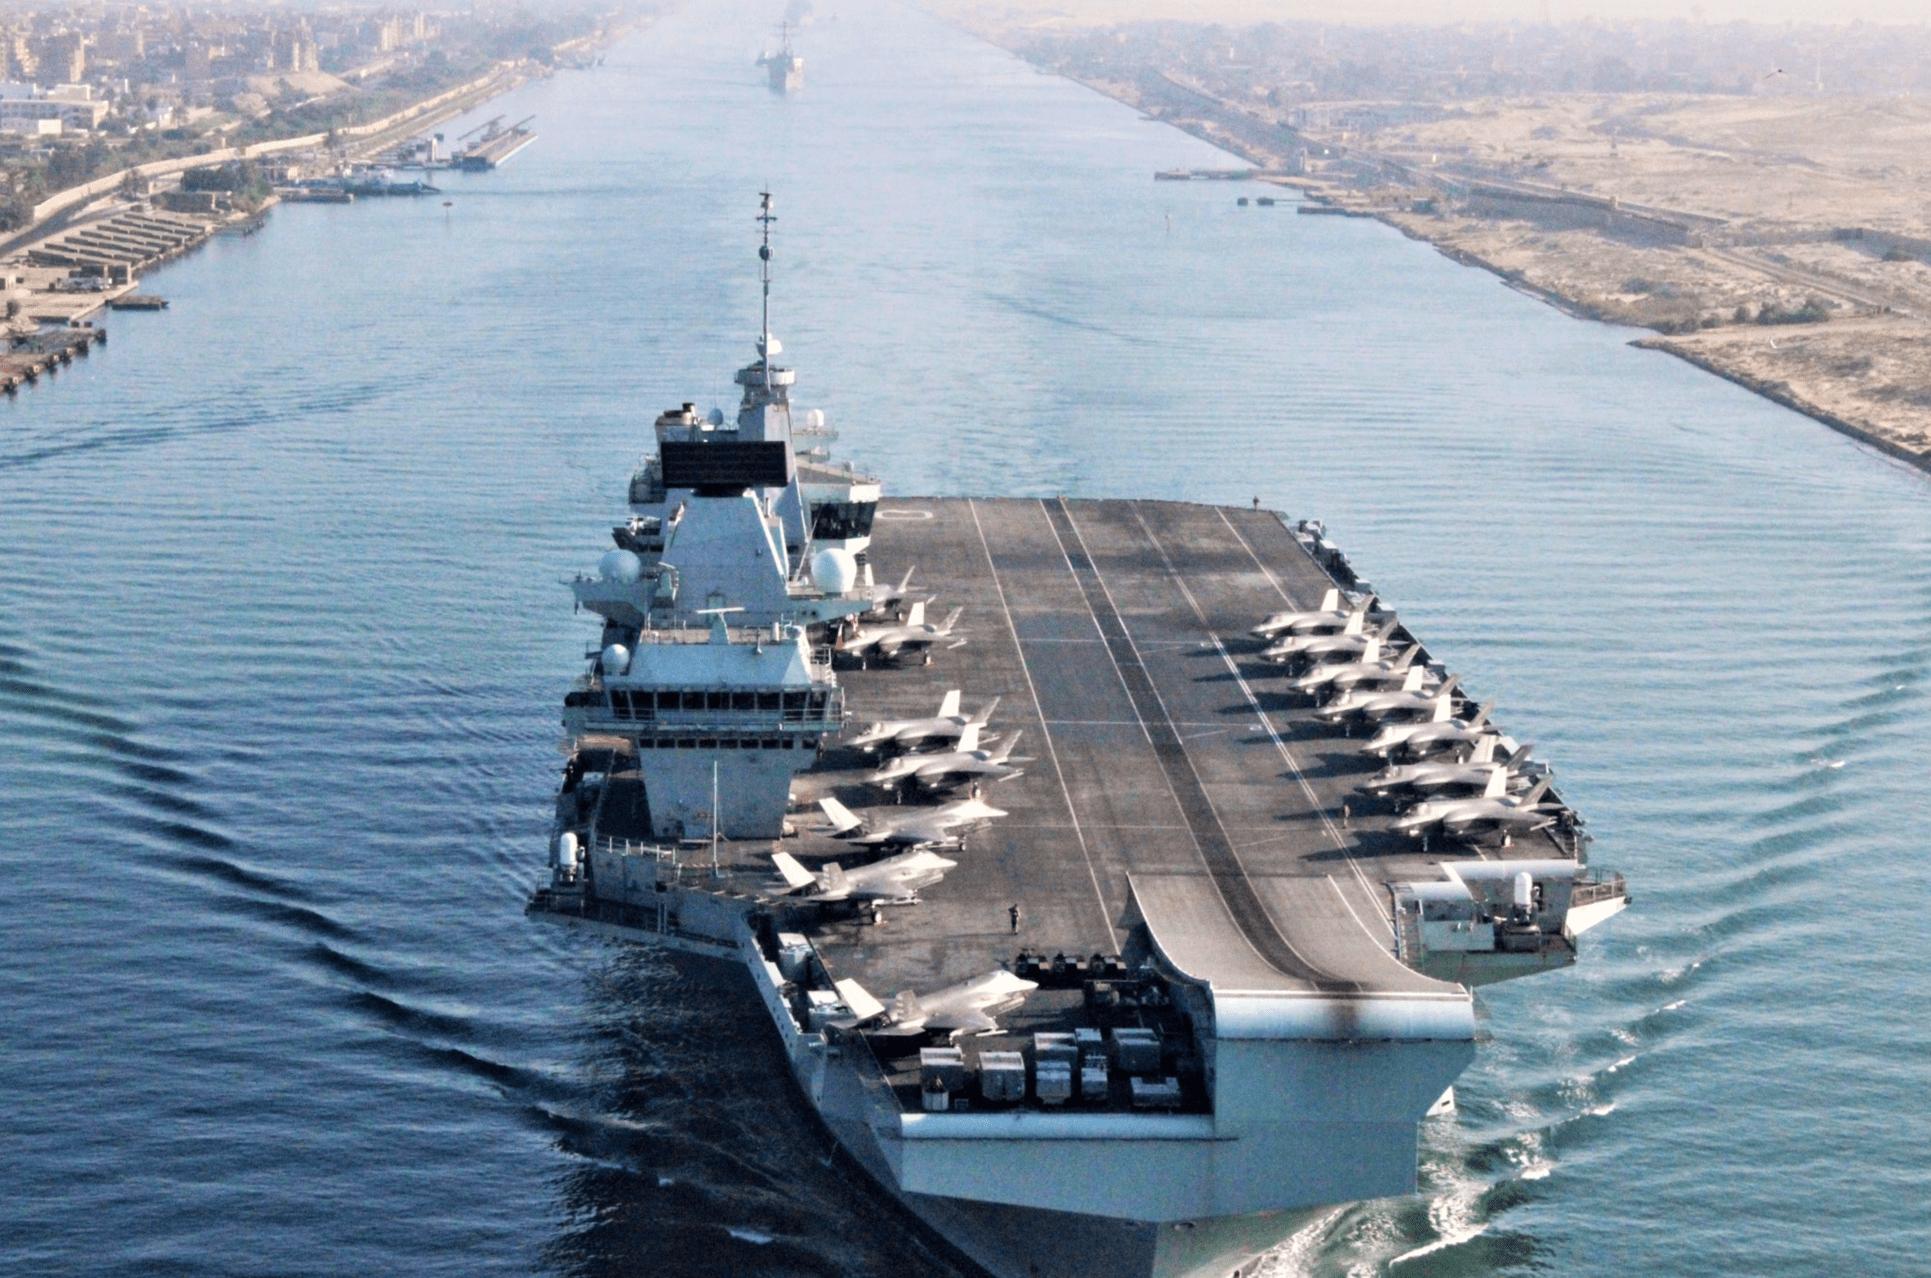 英国女王号航母已经抵达红海 即将奔赴亚太